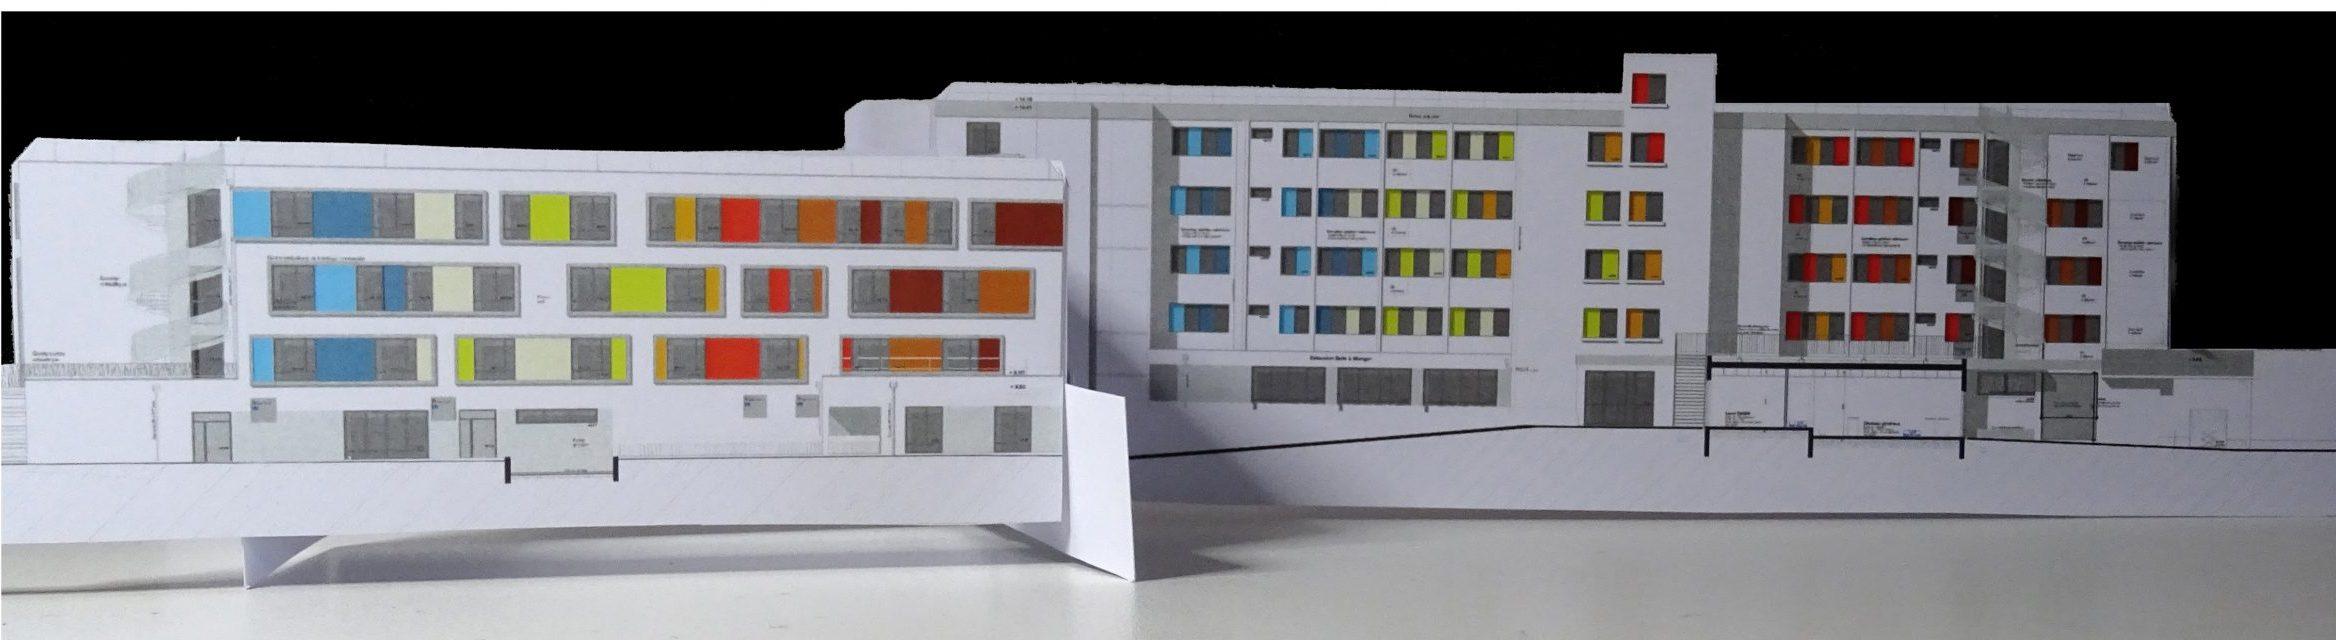 EHPAD Pau-Polychromie architecturale-Maquette